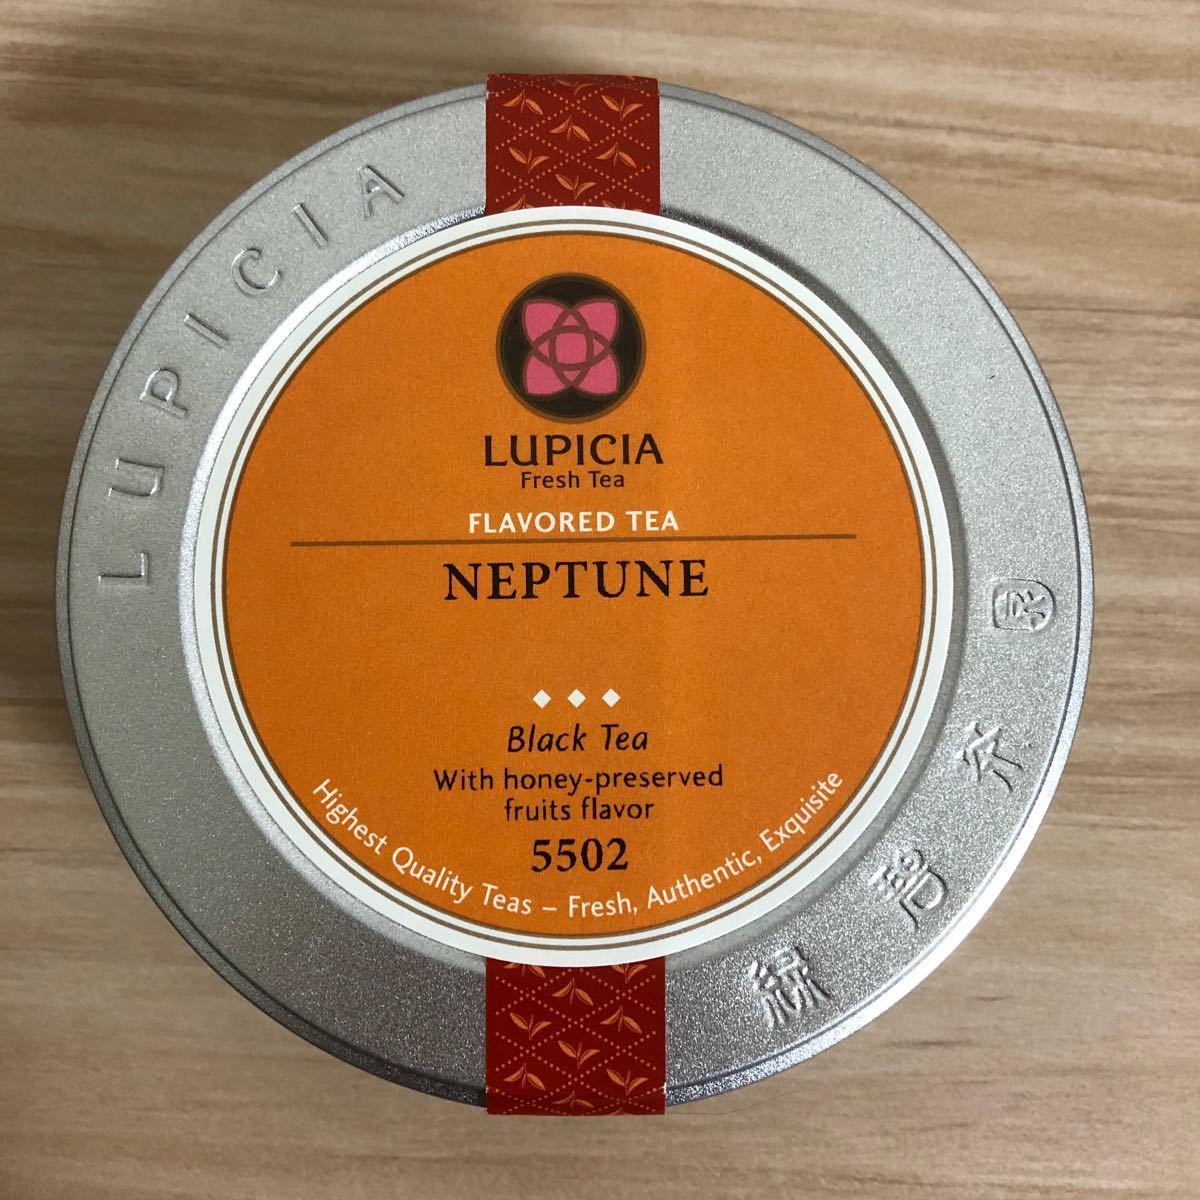 ルピシアLUPICIAネプチューン茶葉 缶入り 4個セット